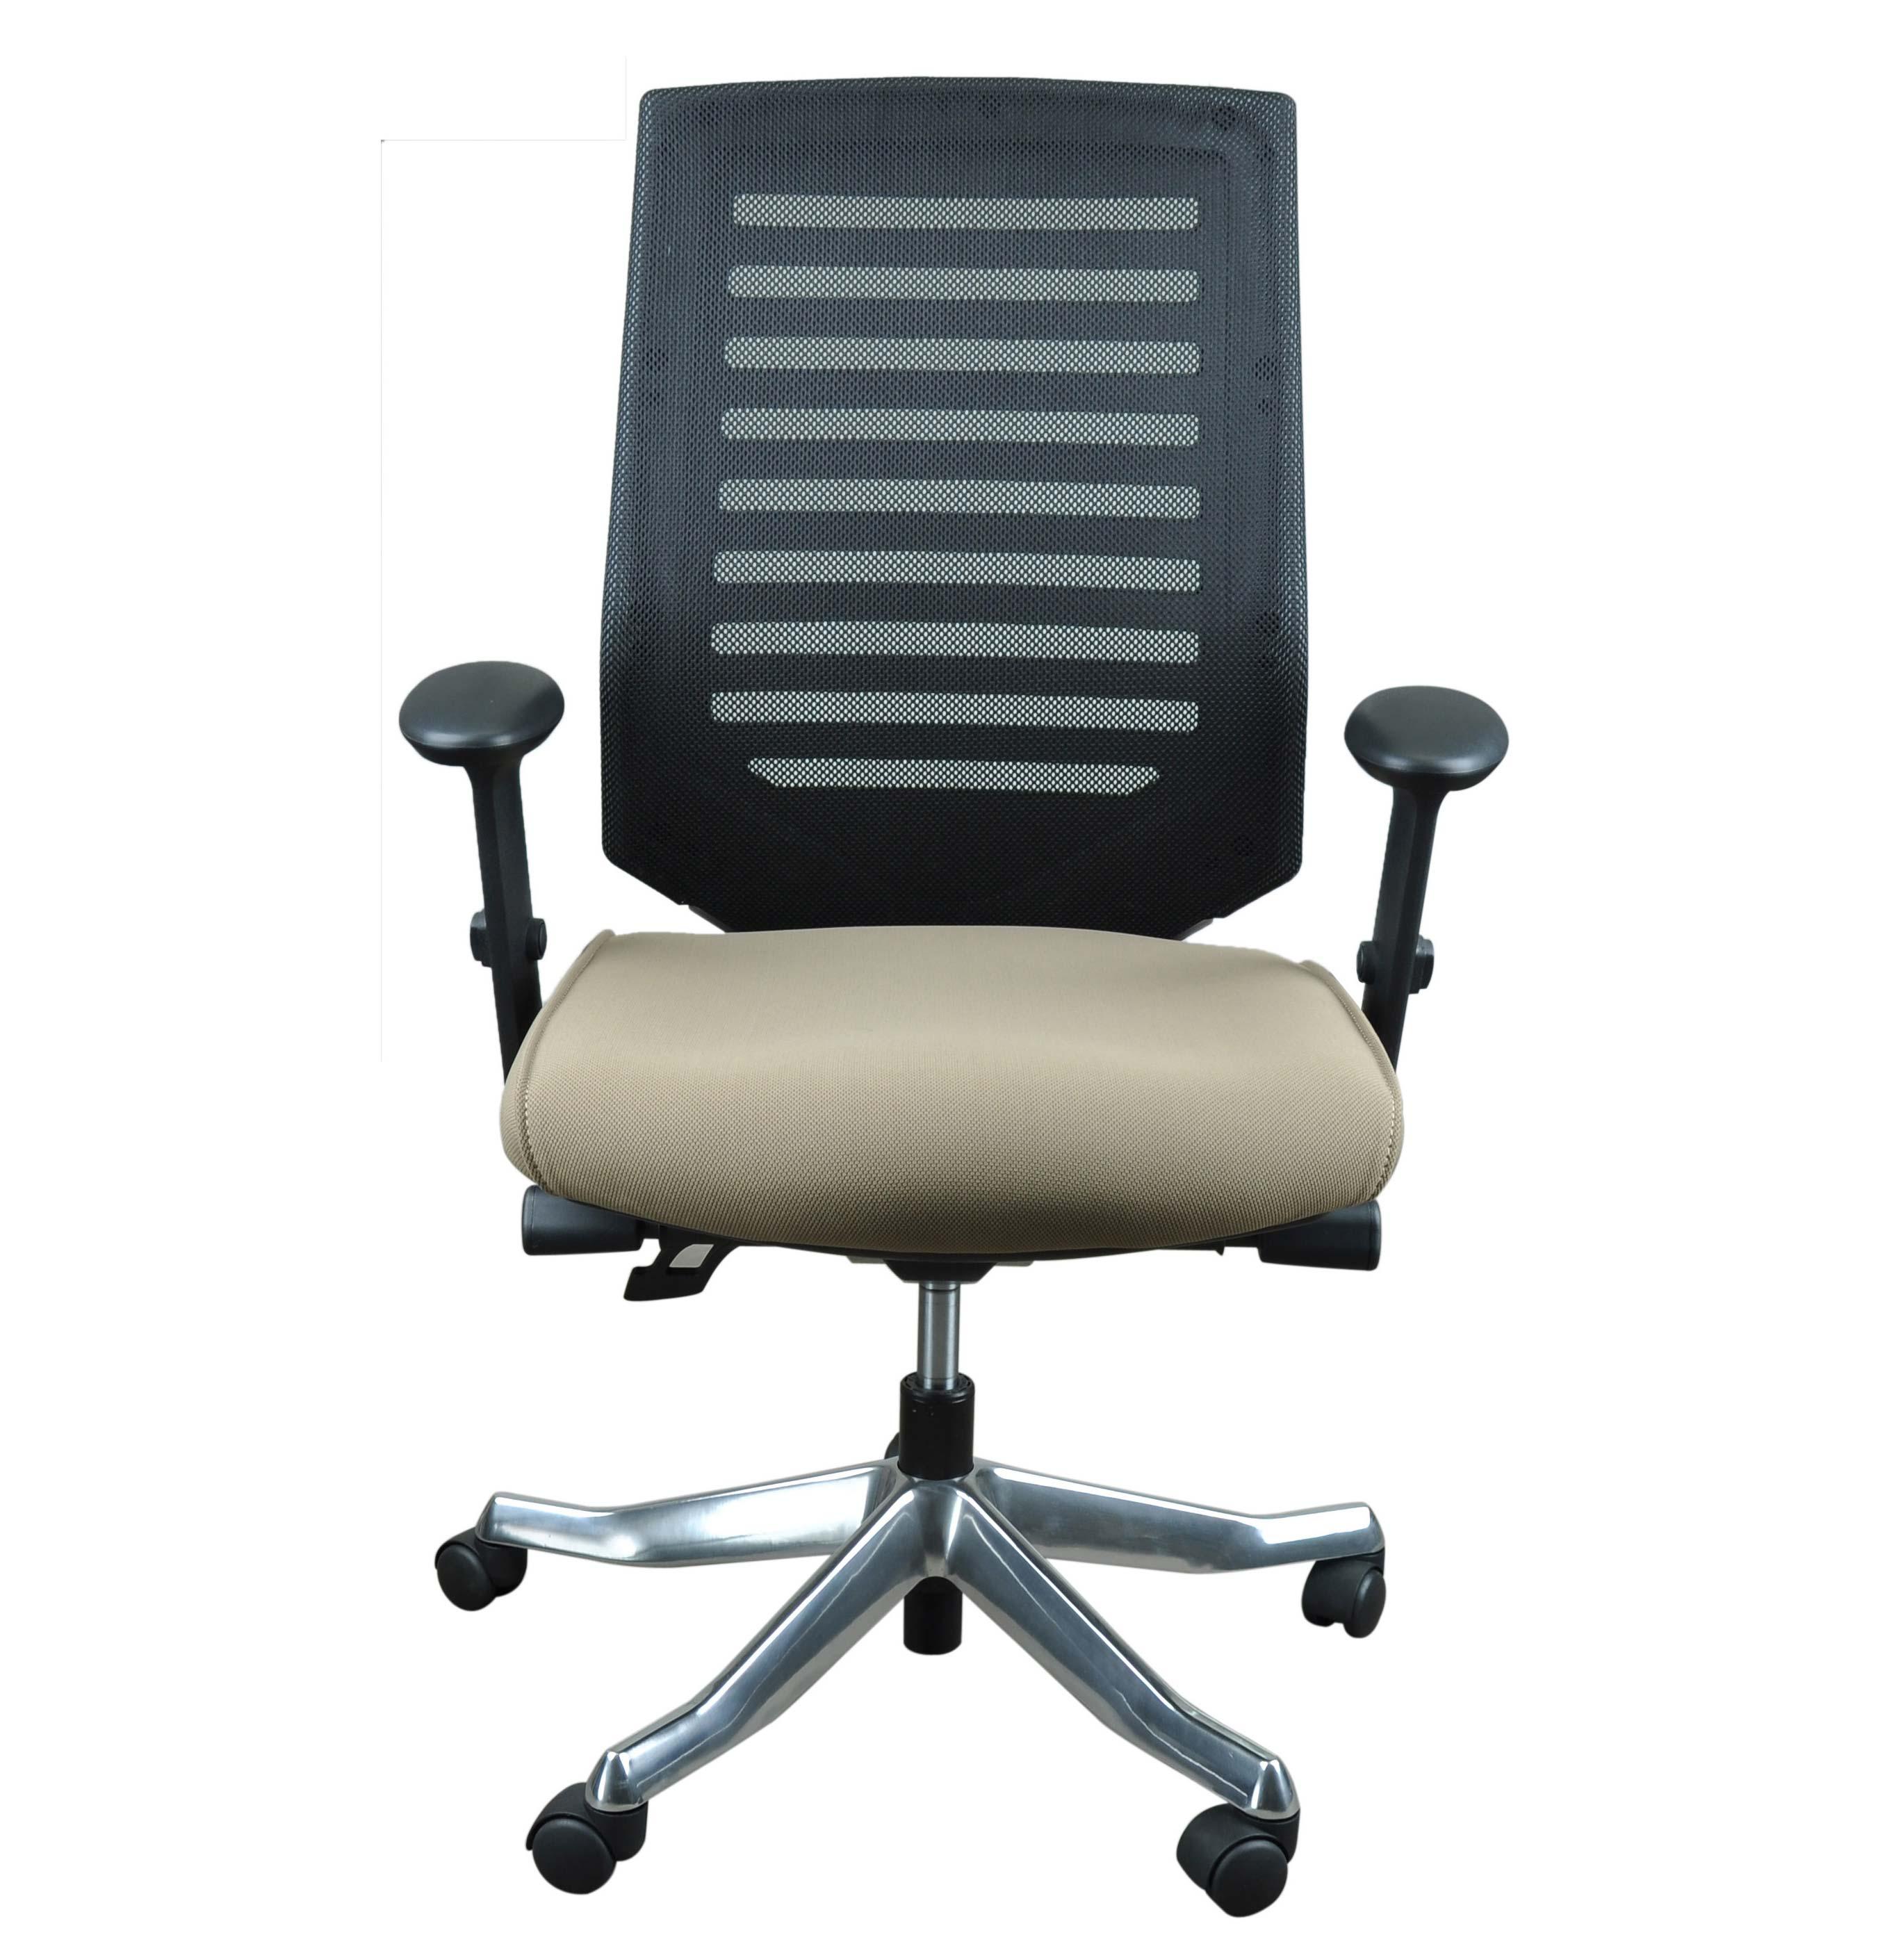 座椅系列网布椅Y-B150113